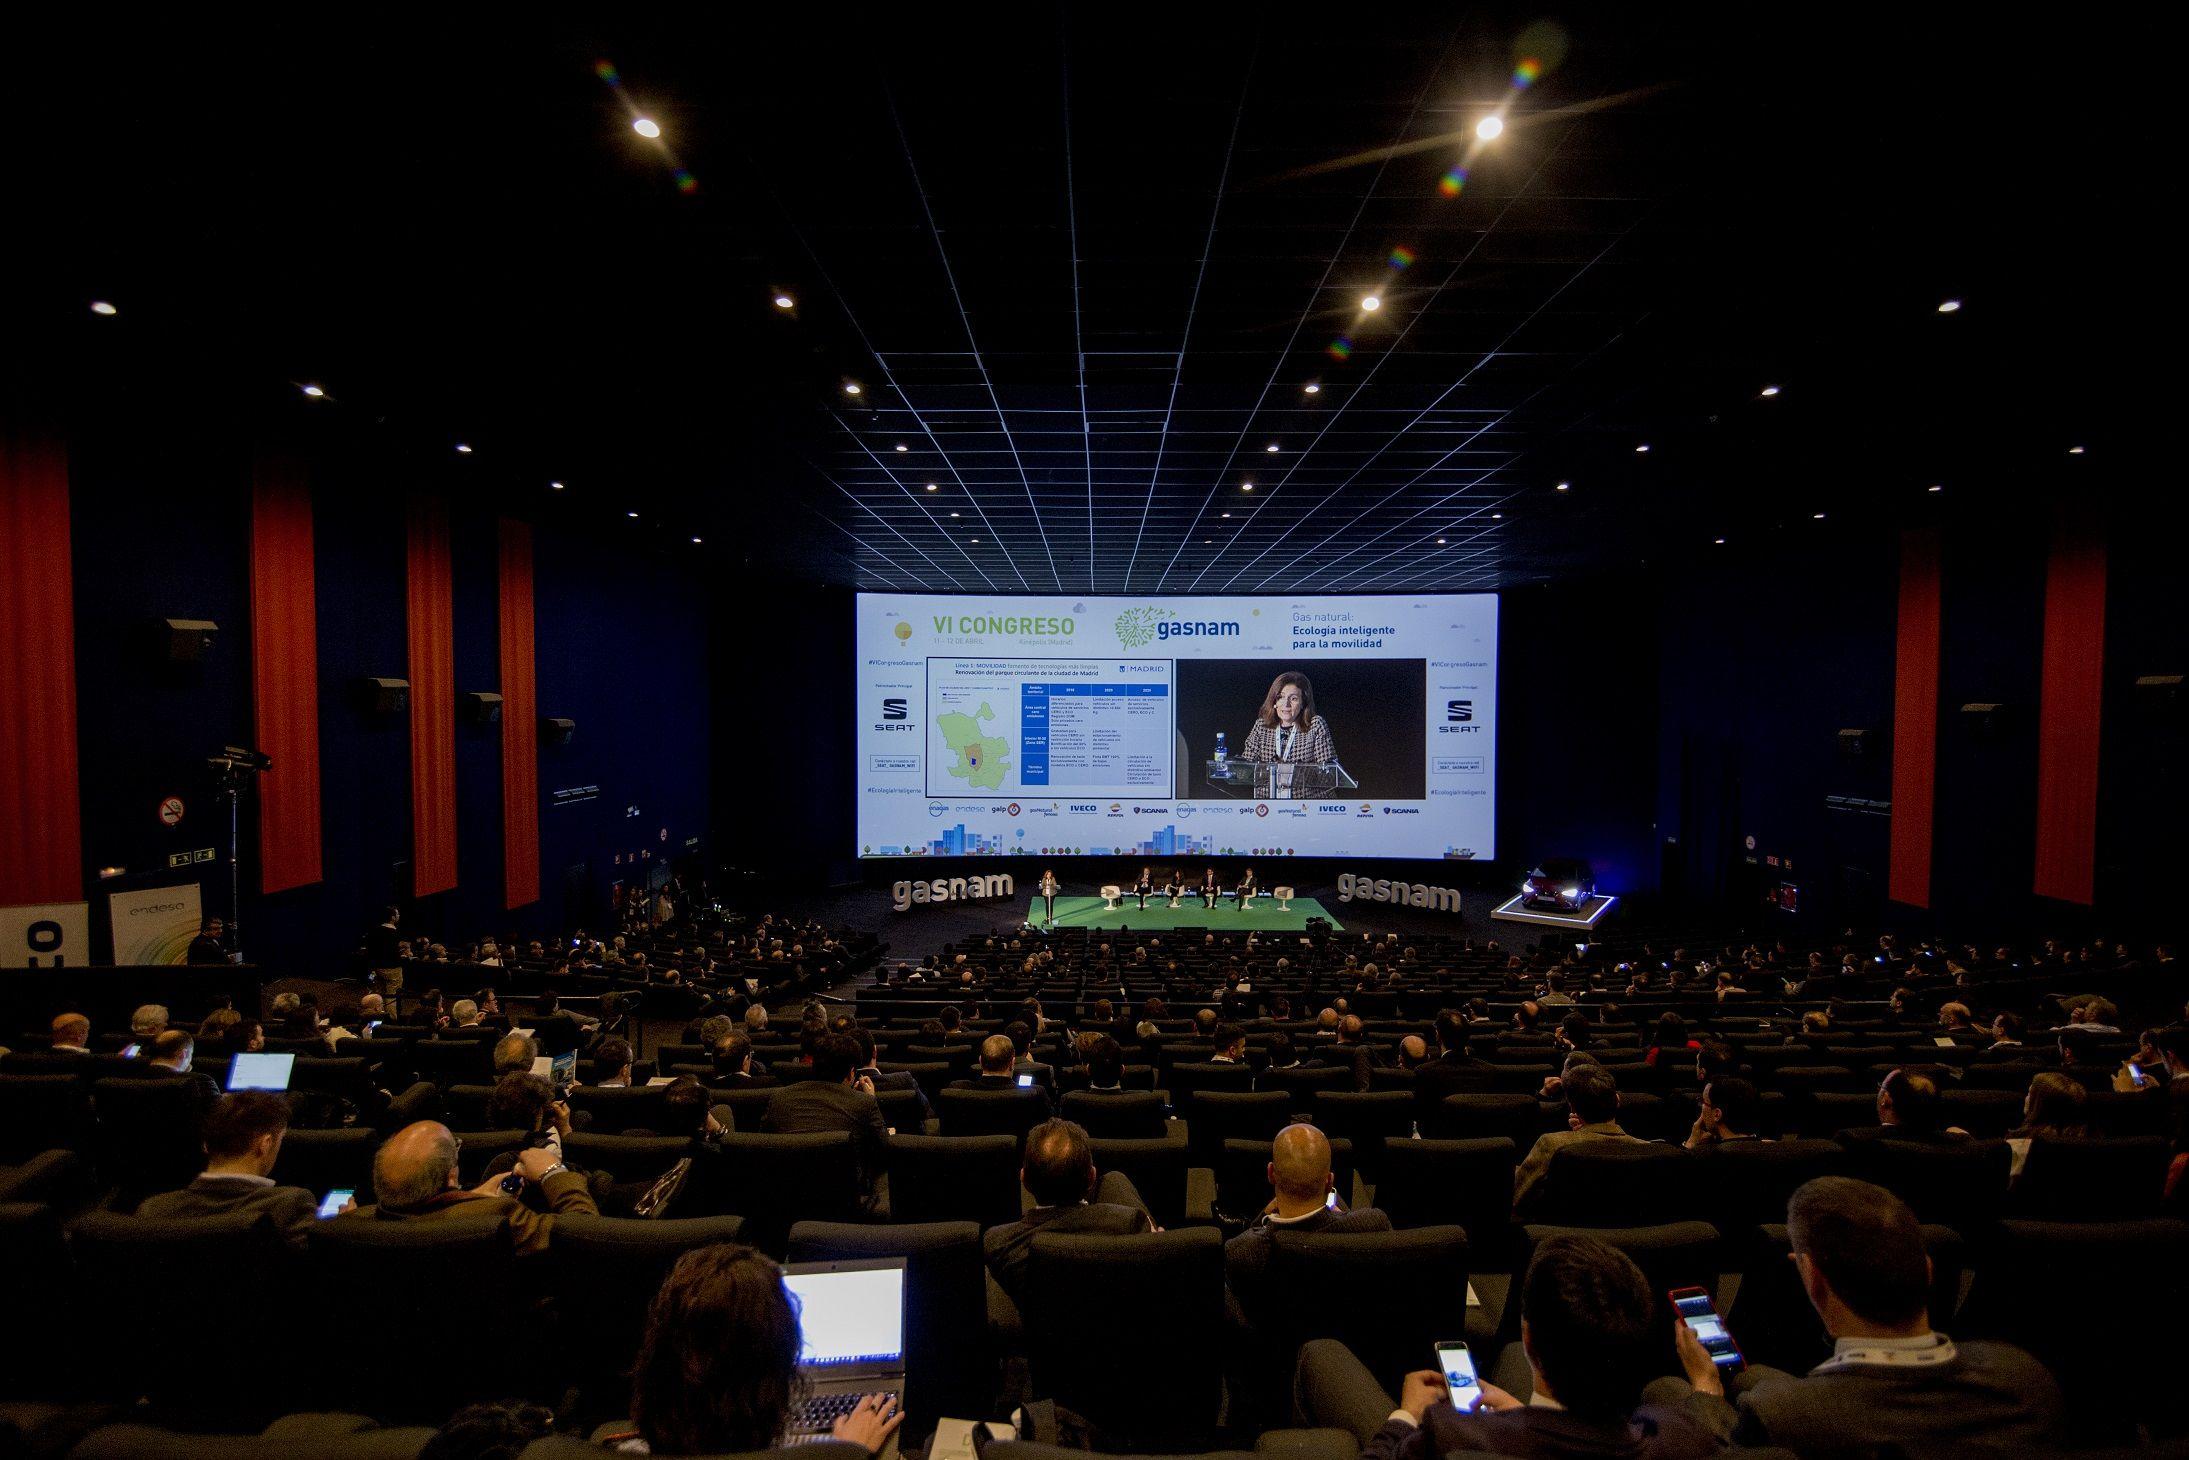 El VI Congreso Gasnam, punto de partida del futuro del gas natural en el transporte sostenible